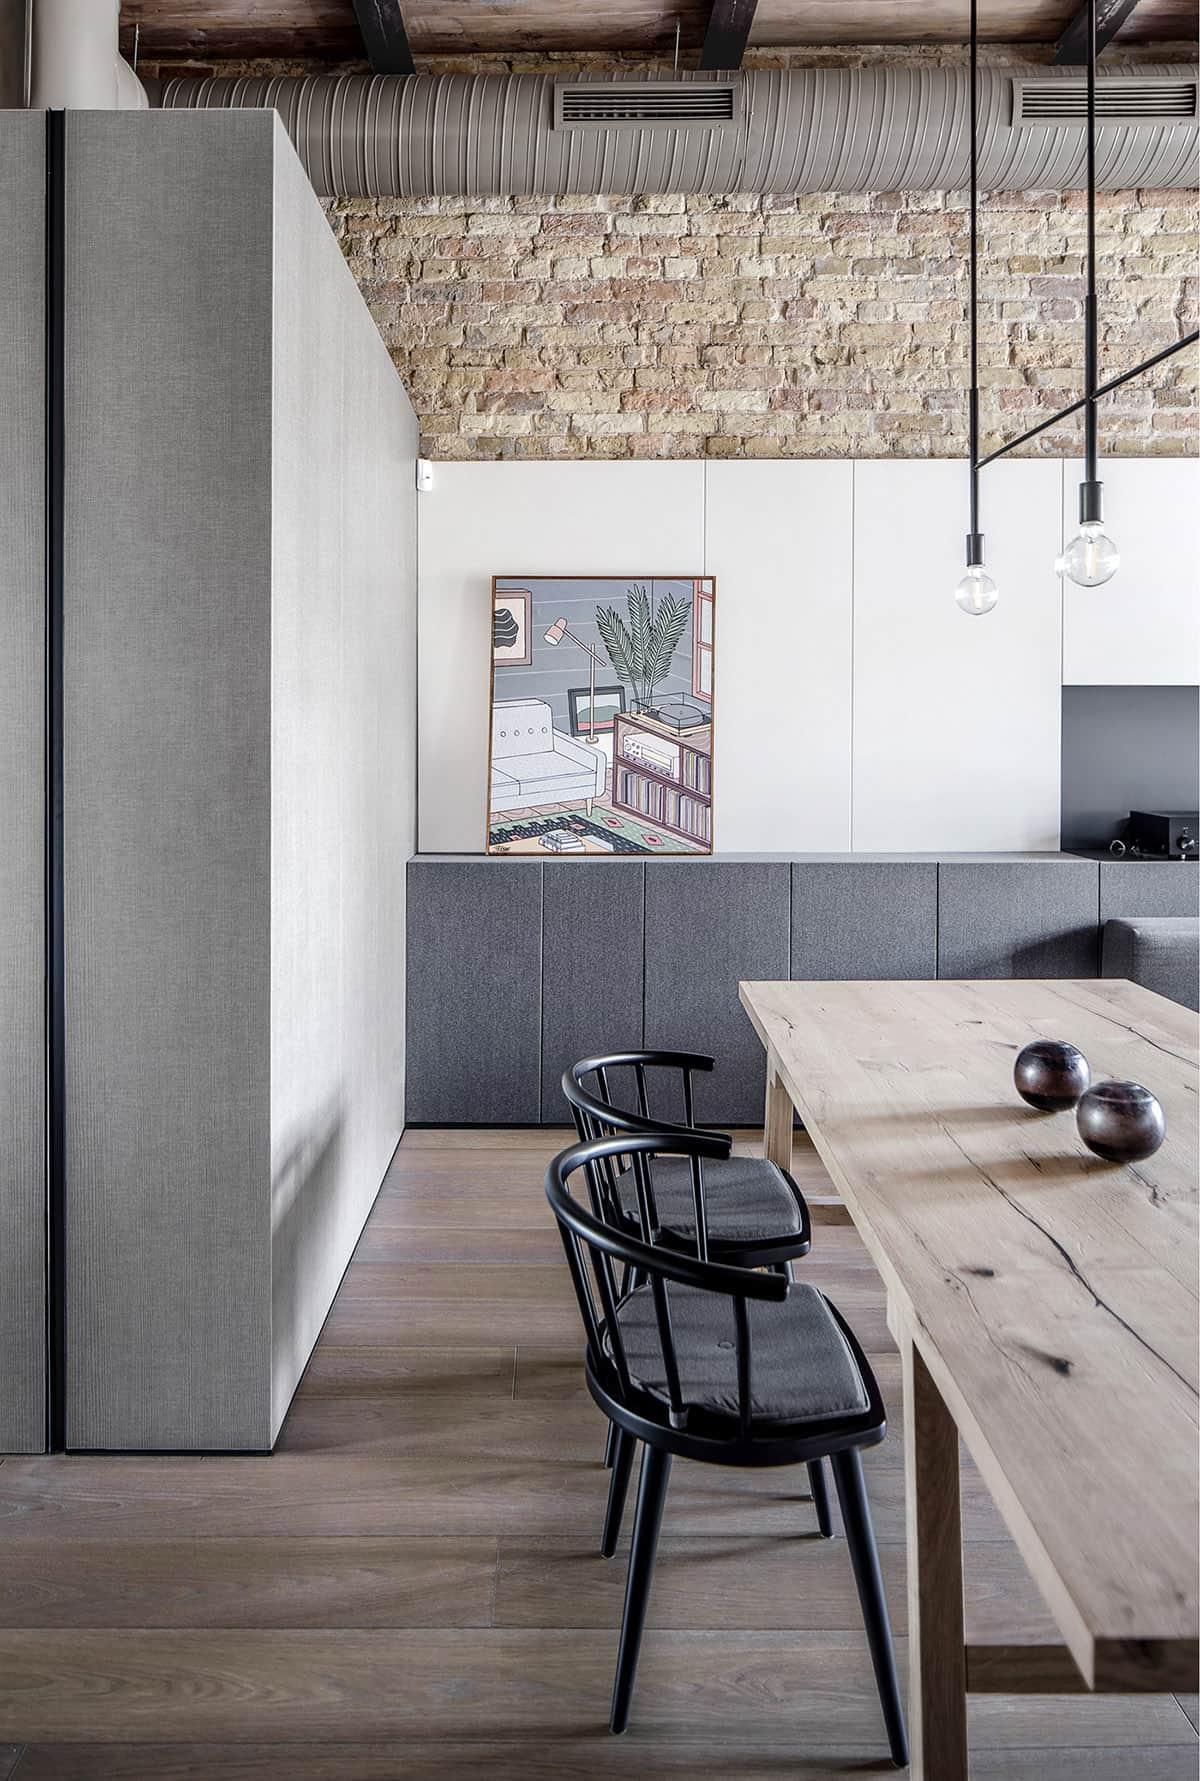 Une table de cuisine ordinaire, renversée de planches, entourée de belles chaises noires, trahit parfaitement le style industriel de la décoration des chambres.